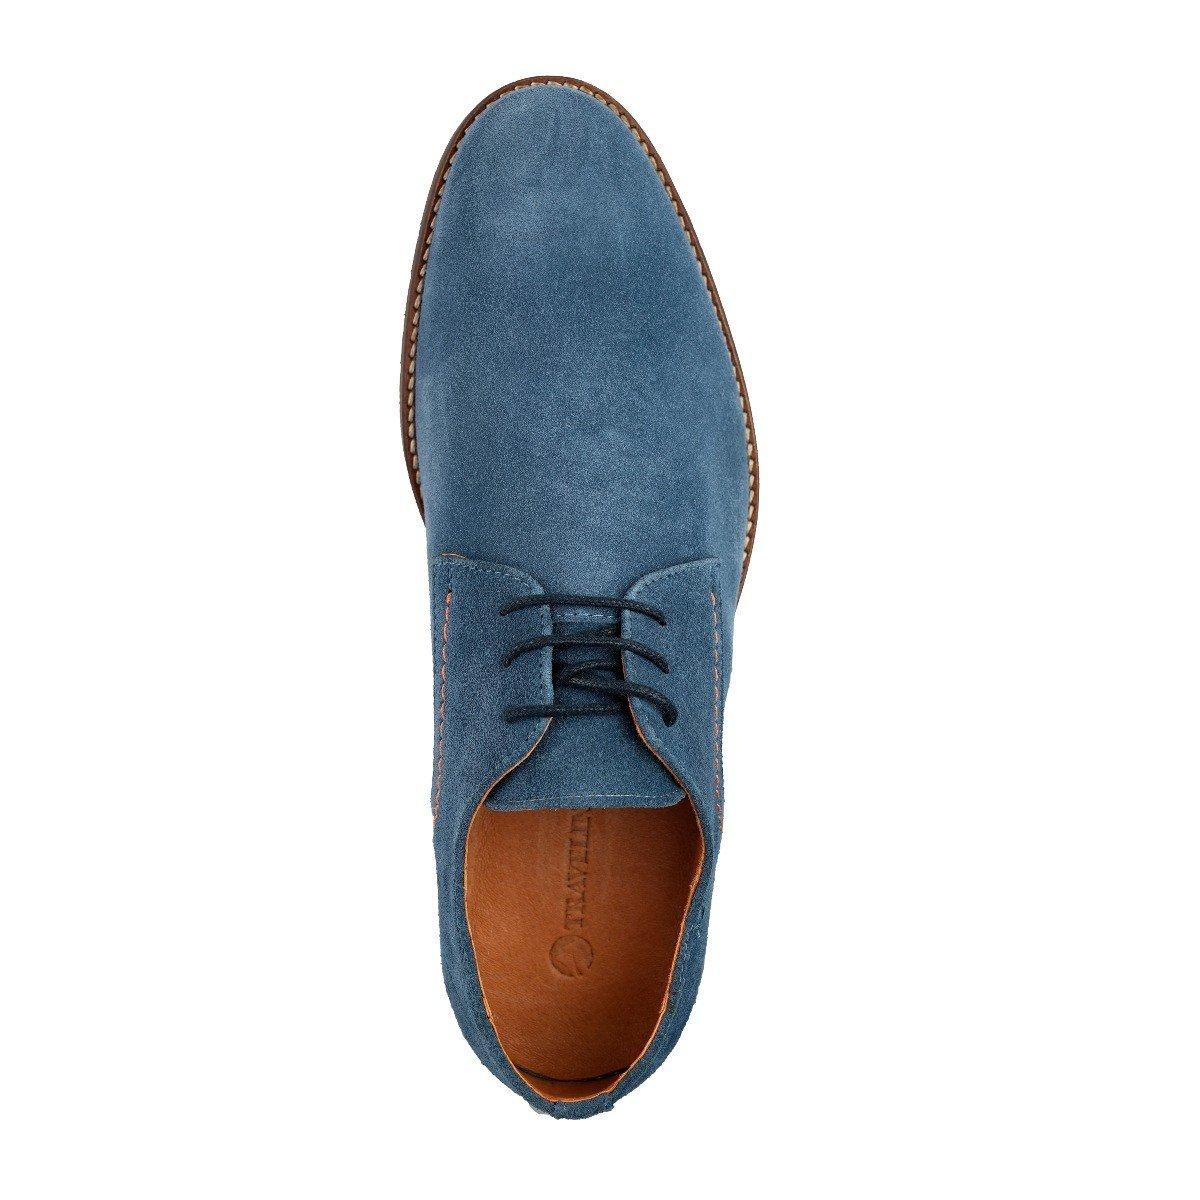 Travelin' Manchester Suede Business Schuhe Herren     Schnürhalbschuhe   Freizeitschuhe   Herren Hochzeitschuhe   Anzugschuhe   Derby Lederschuhe Vielen Farben Hellblau d9f208